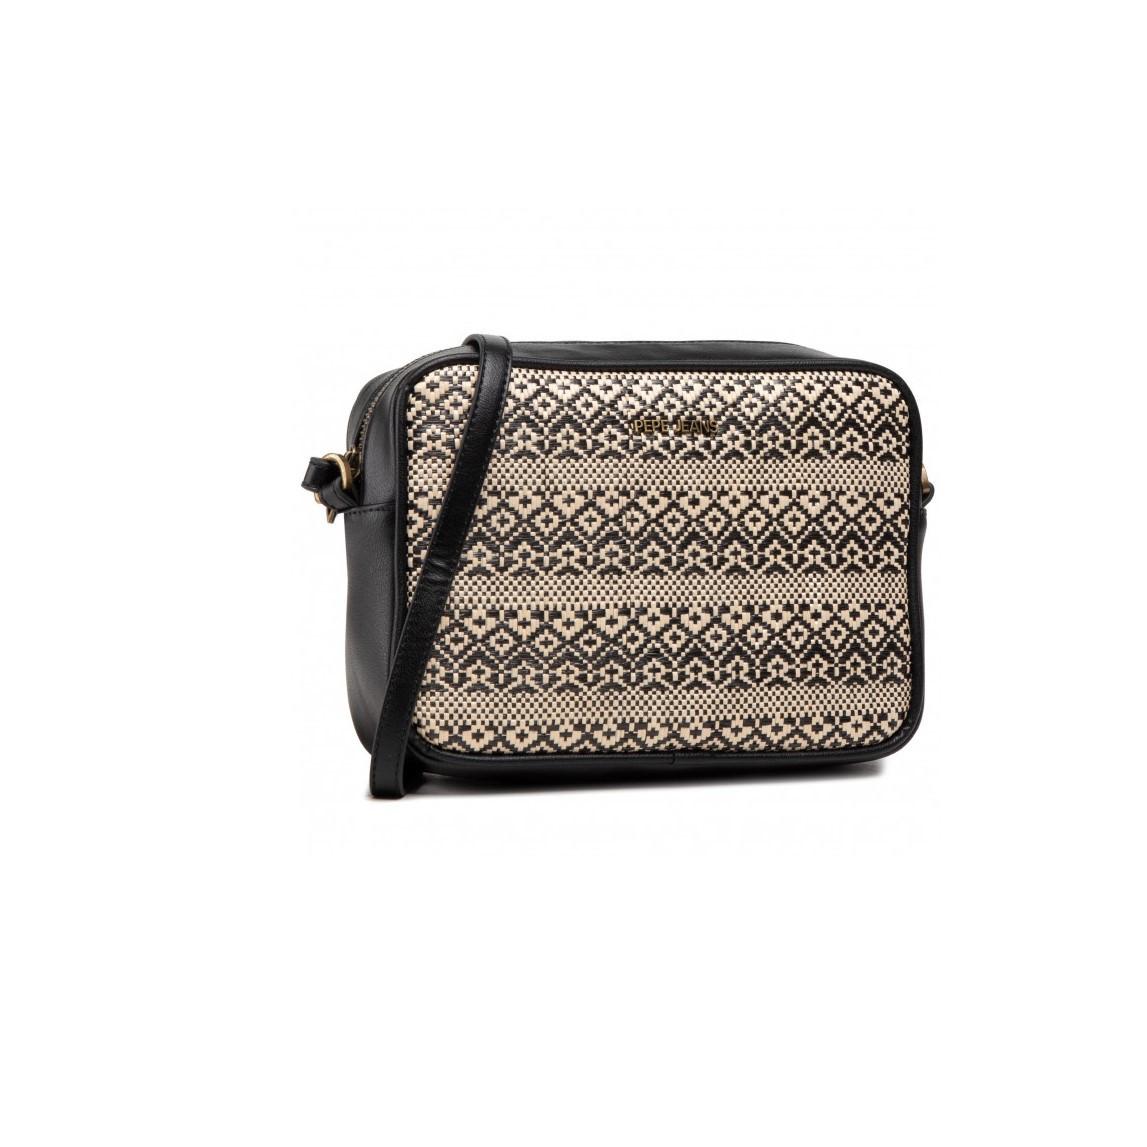 Pepe Jeans dámská černá kabelka HEATHER BAG